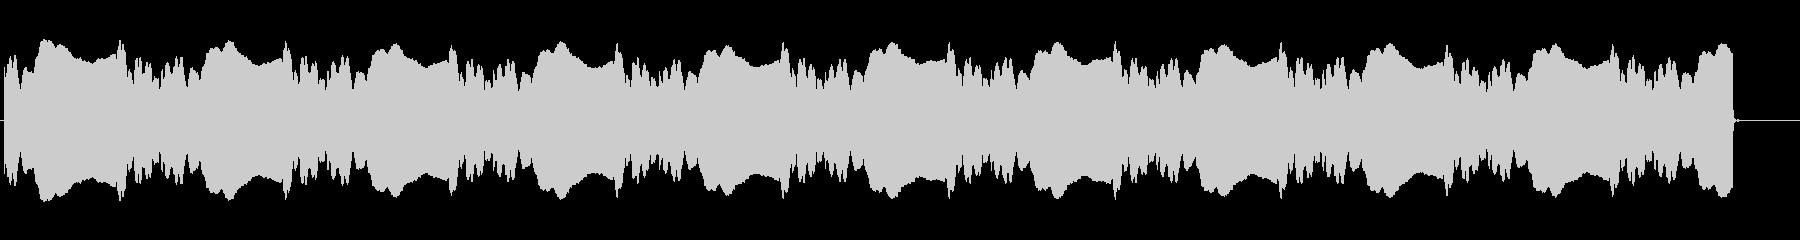 パトカー:内線:ウェイルサイレン、...の未再生の波形